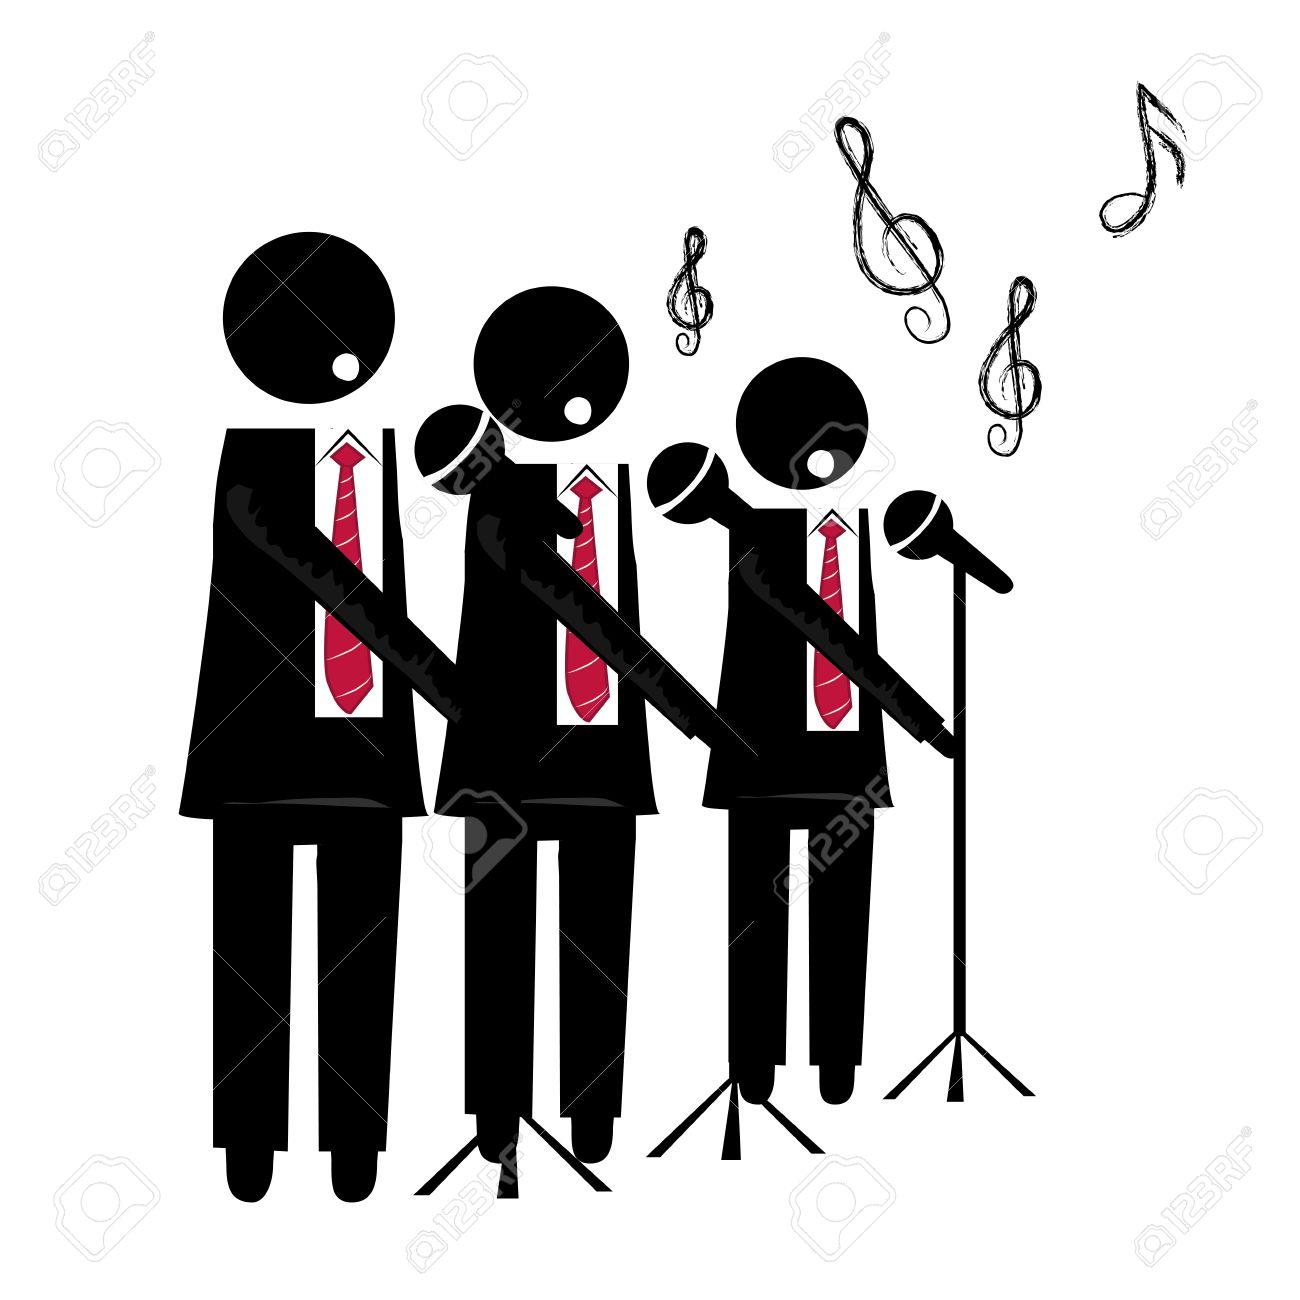 Tres siluetas negras de un coro cantando con el micrófono para el fondo